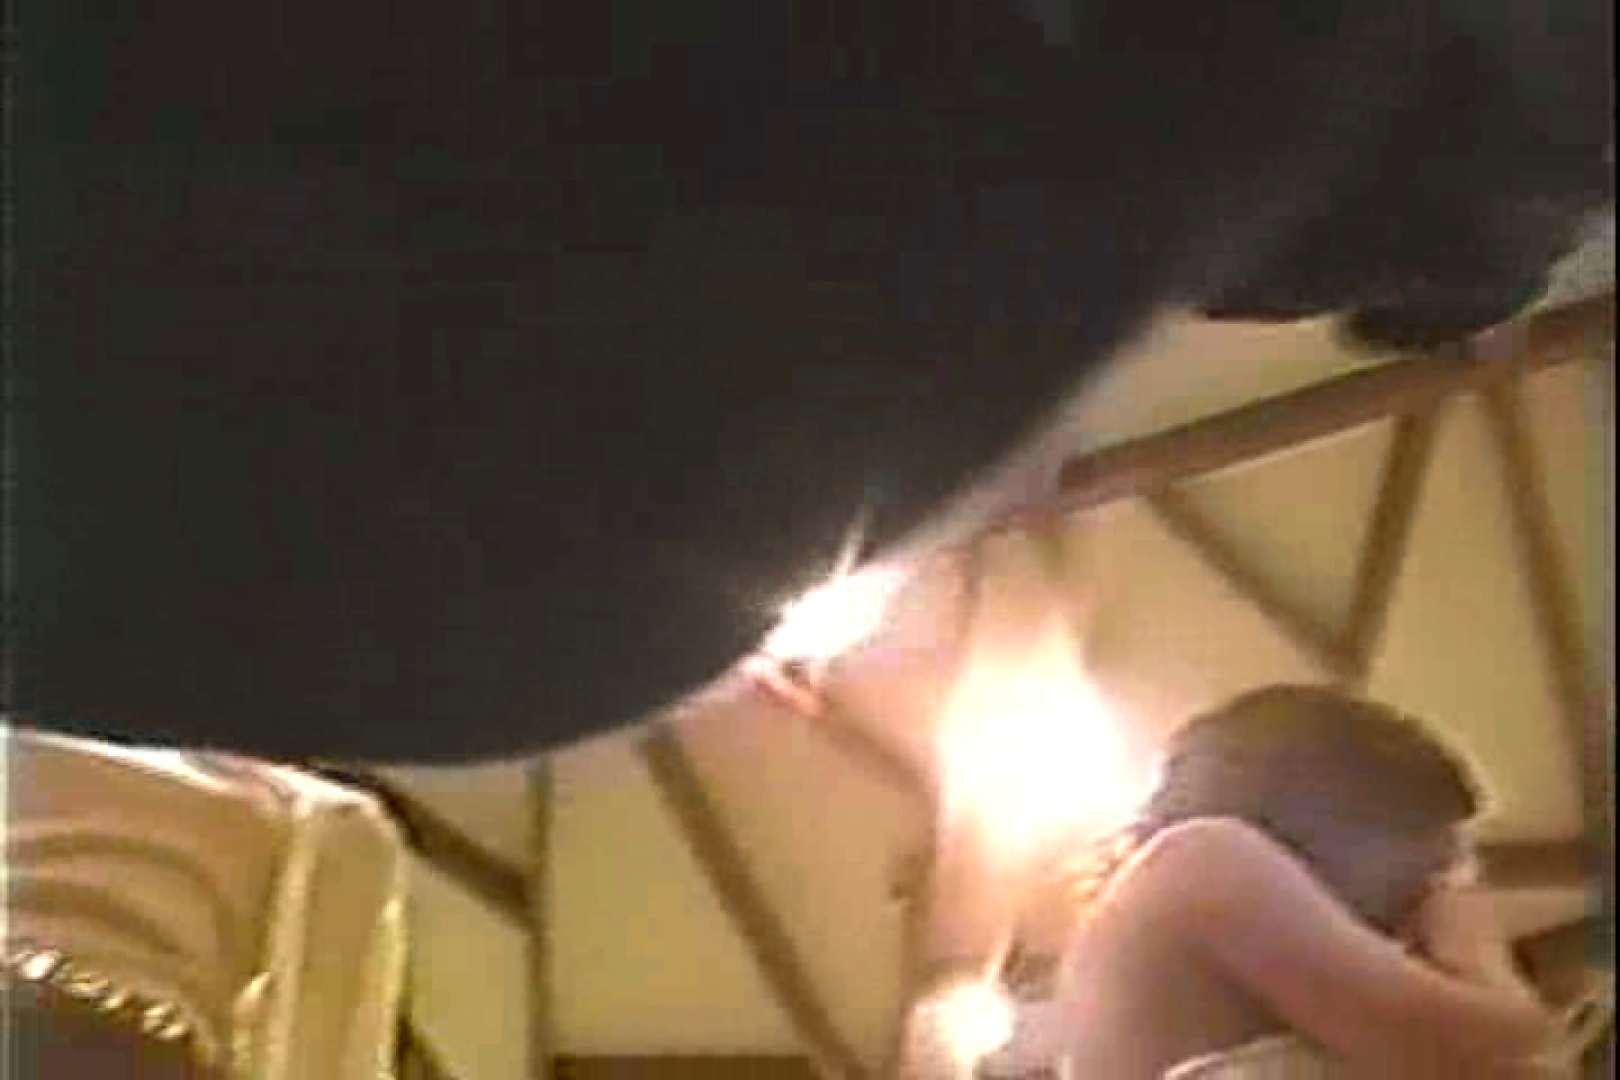 「ちくりん」さんのオリジナル未編集パンチラVol.6_01 パンチラのぞき | エロティックなOL  73画像 57